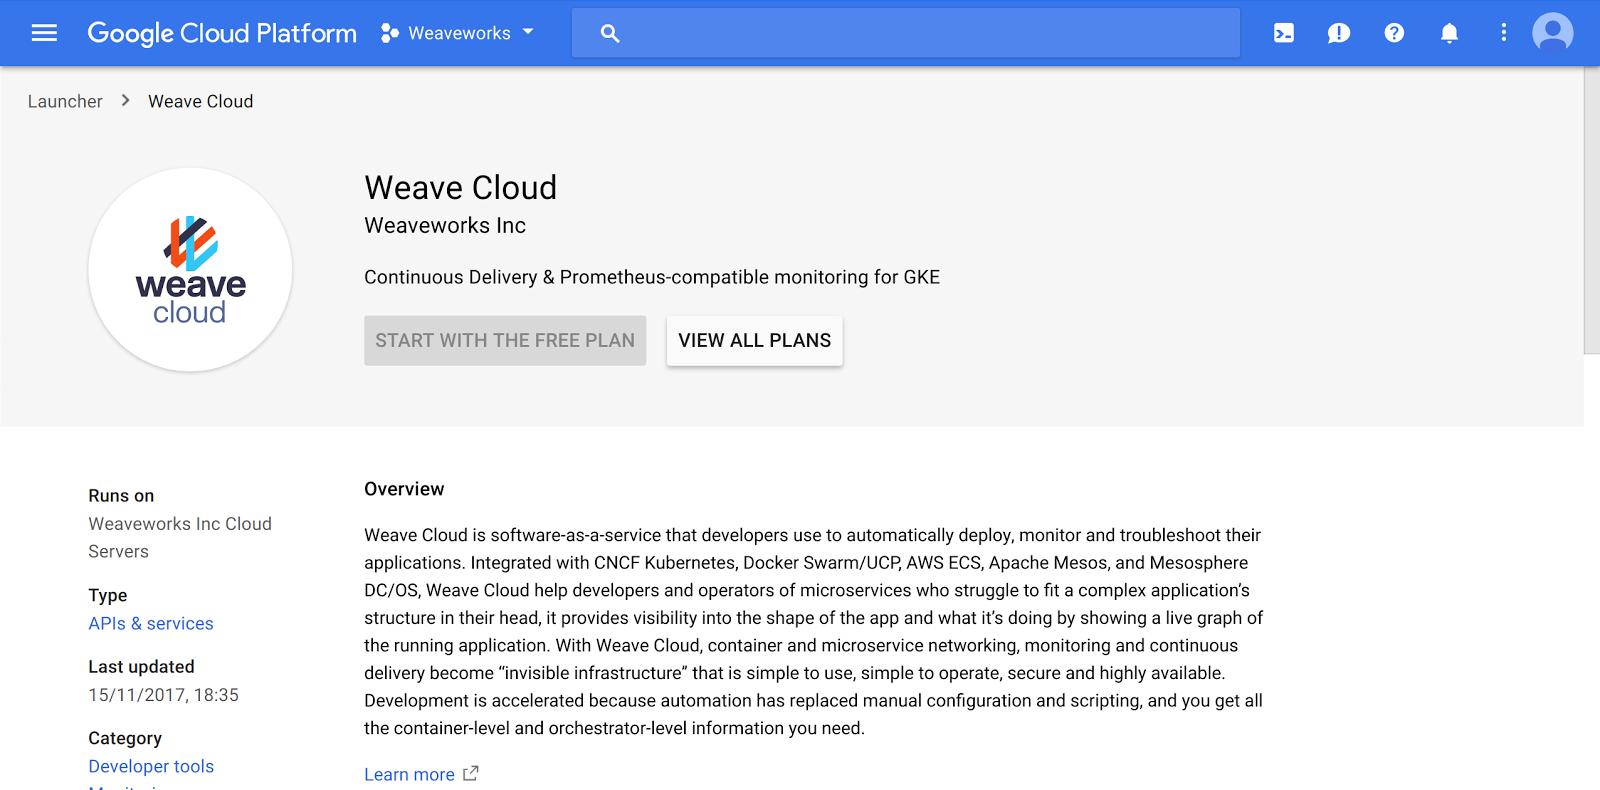 Google Cloud Platform Weave Cloud Subsciption